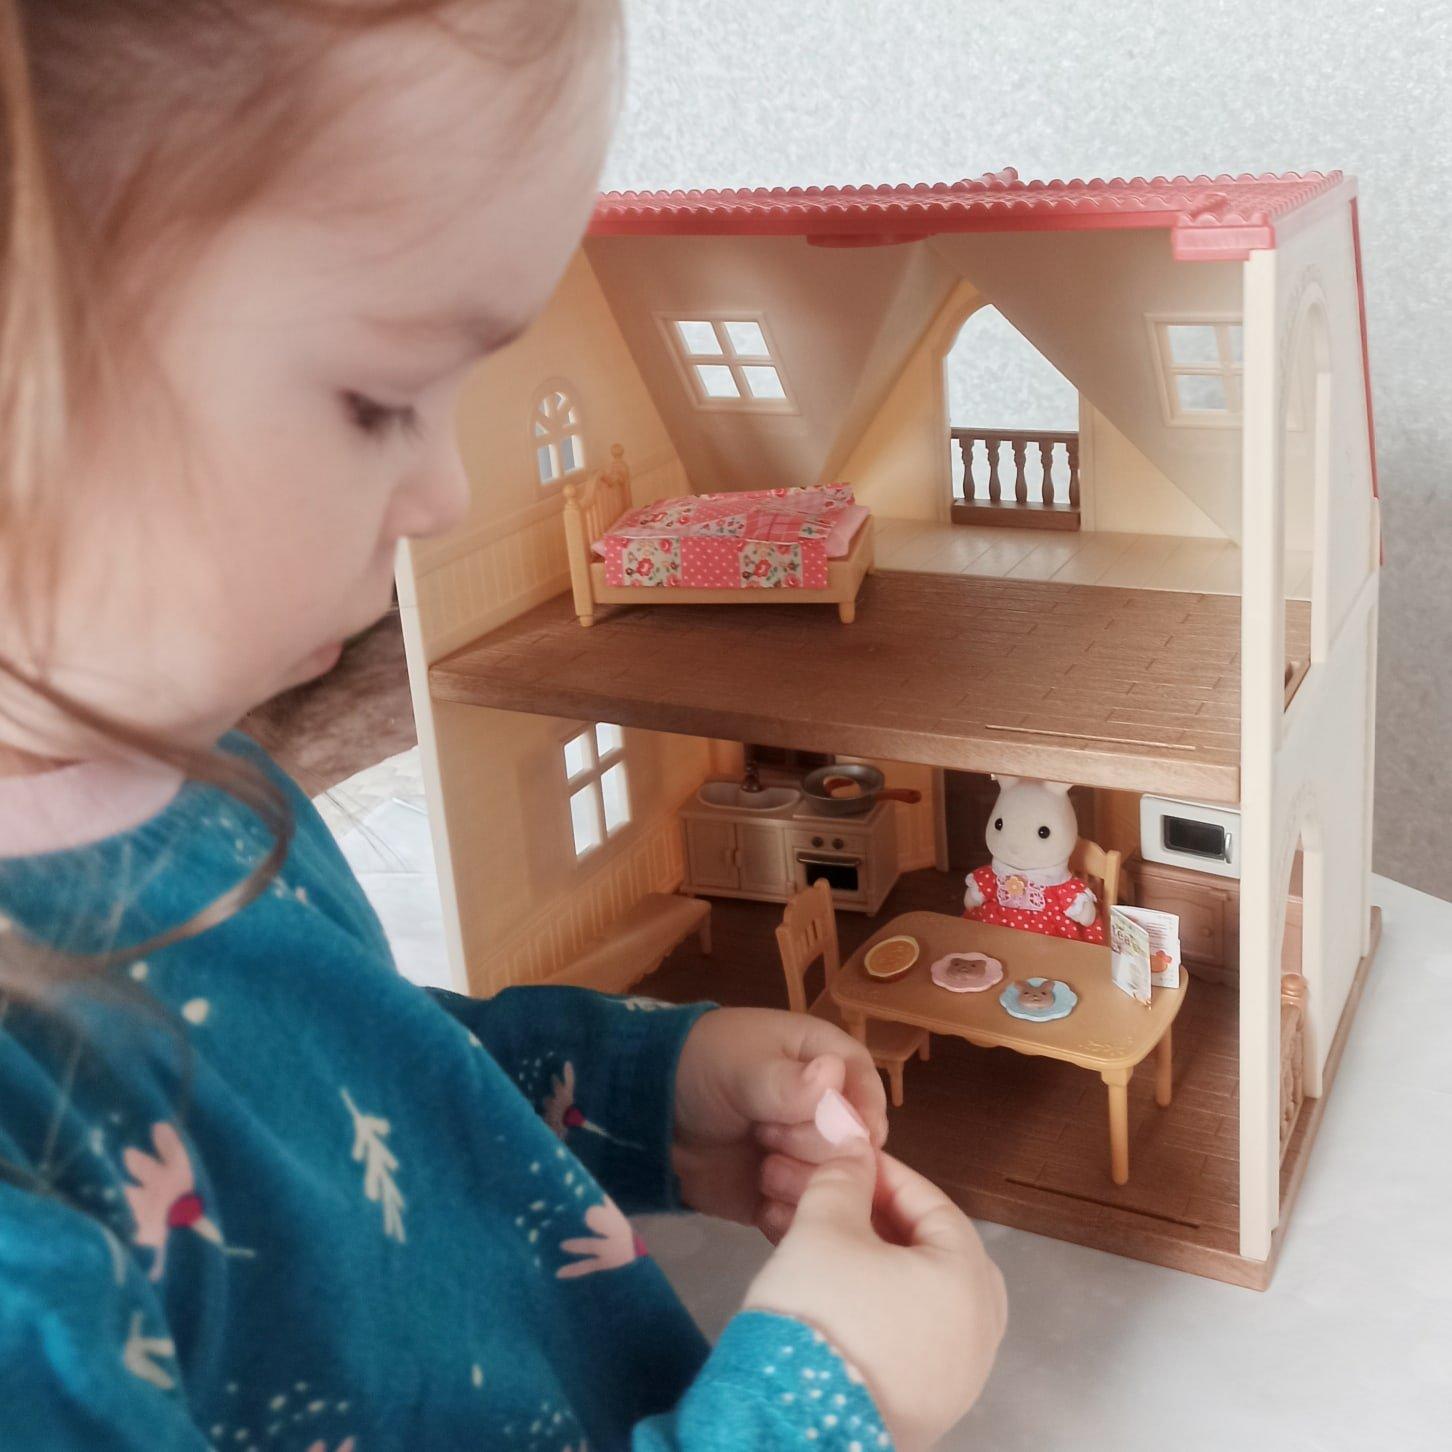 Комплект принадлежностей для кухни и мебели для игрового набора Sylvanian Families. - Алиэкспресс